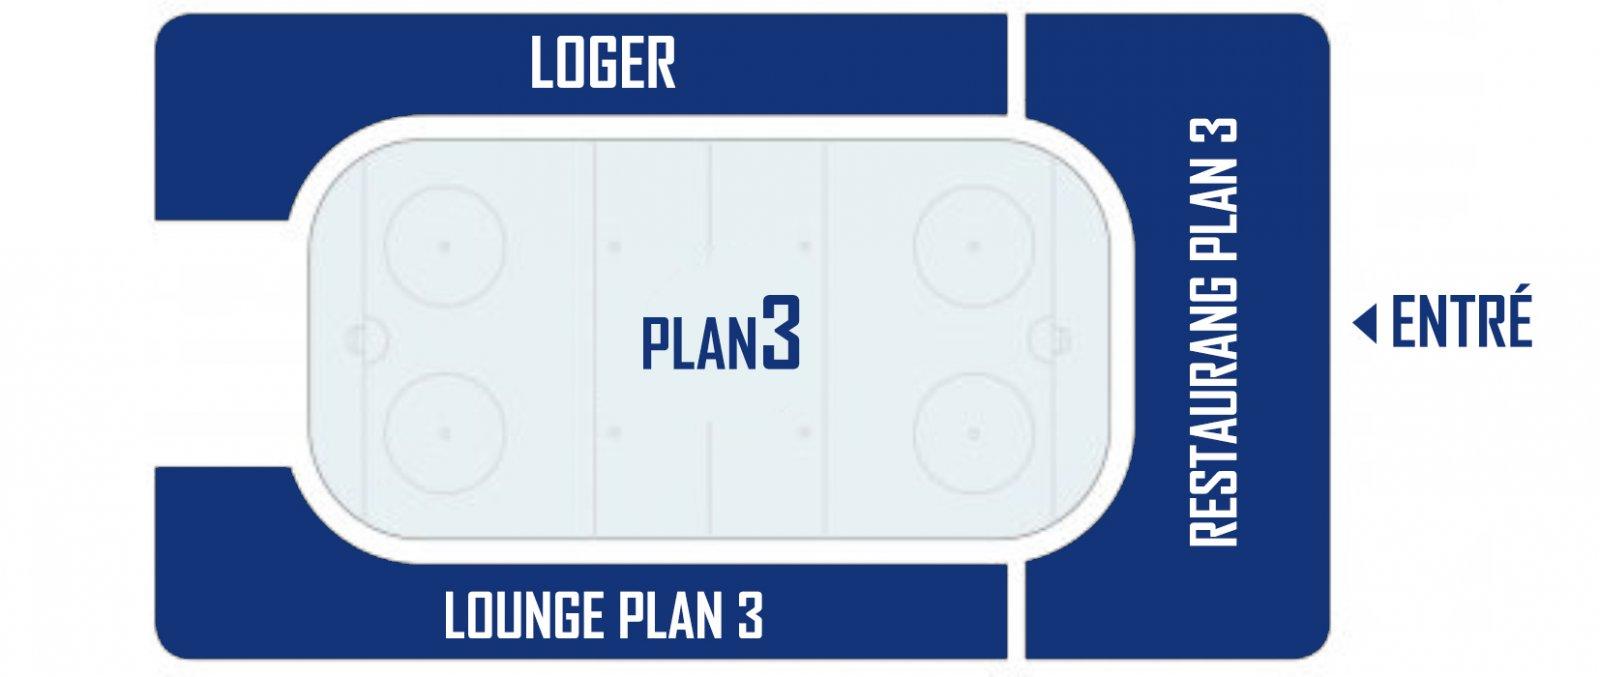 Arena Plan 3